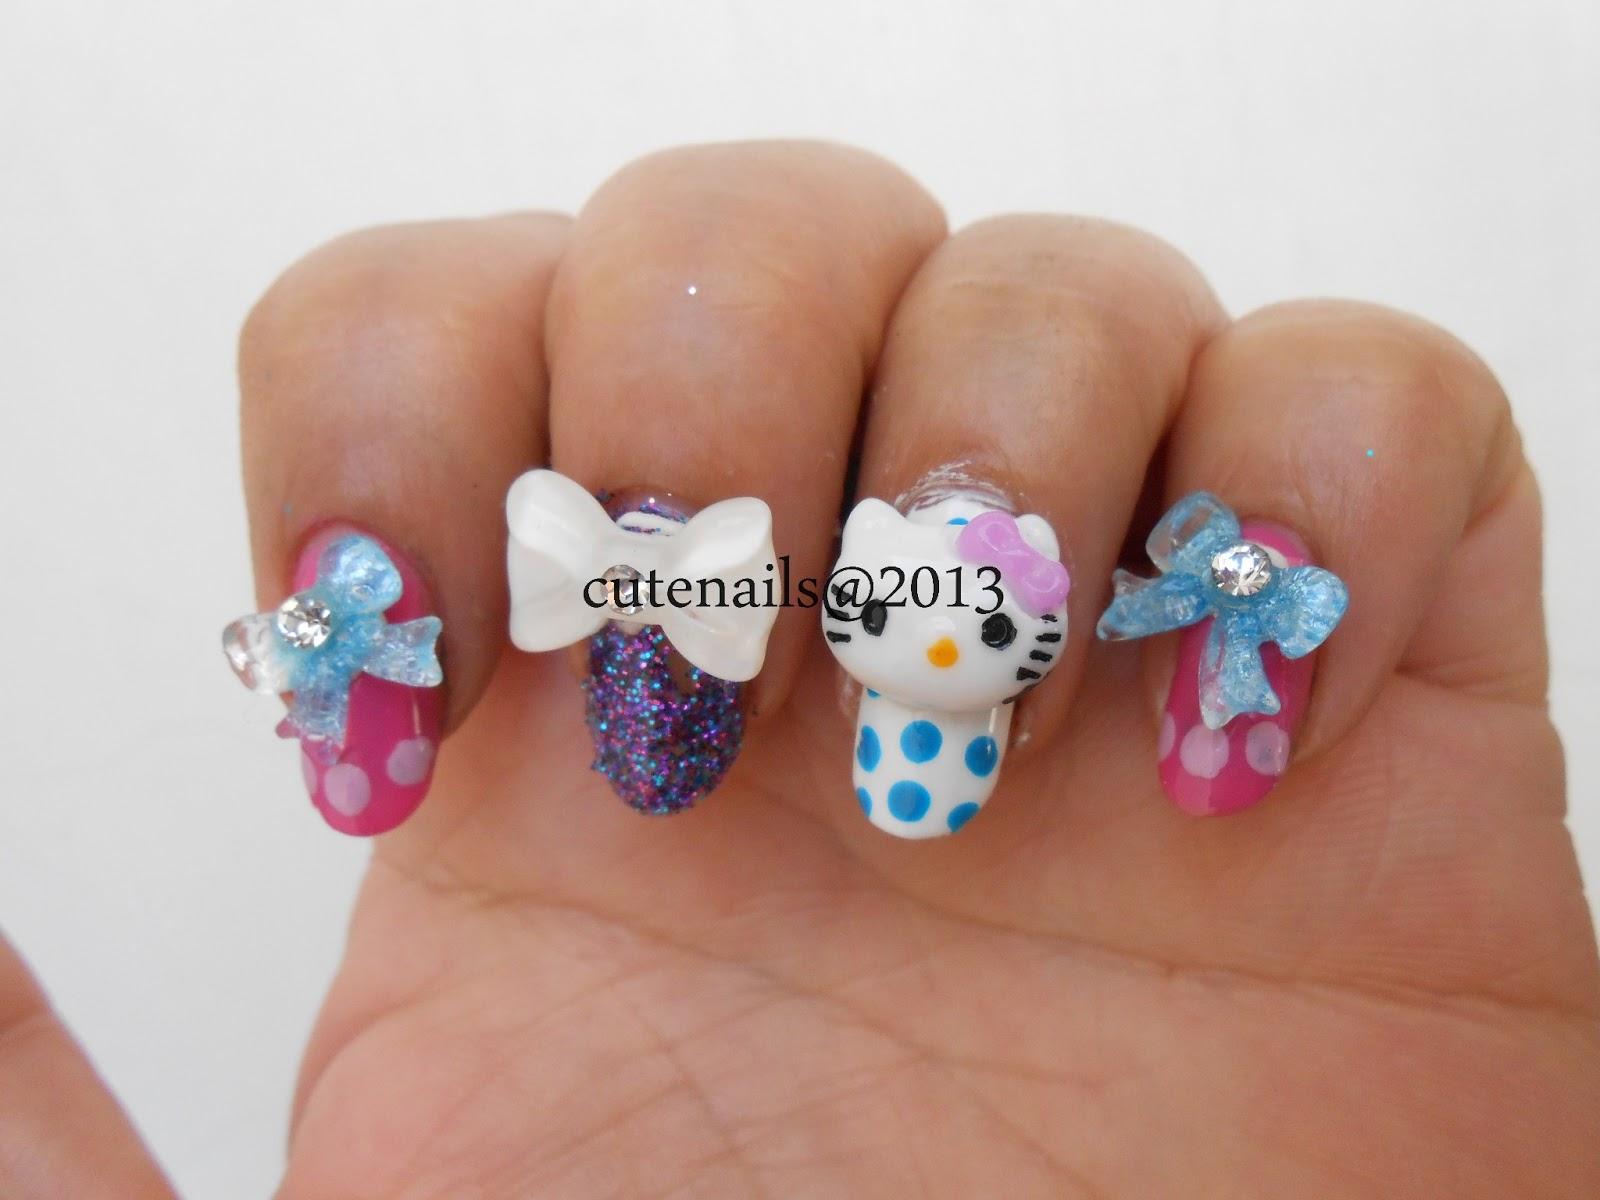 Cute nails: 3d hello kitty nail art